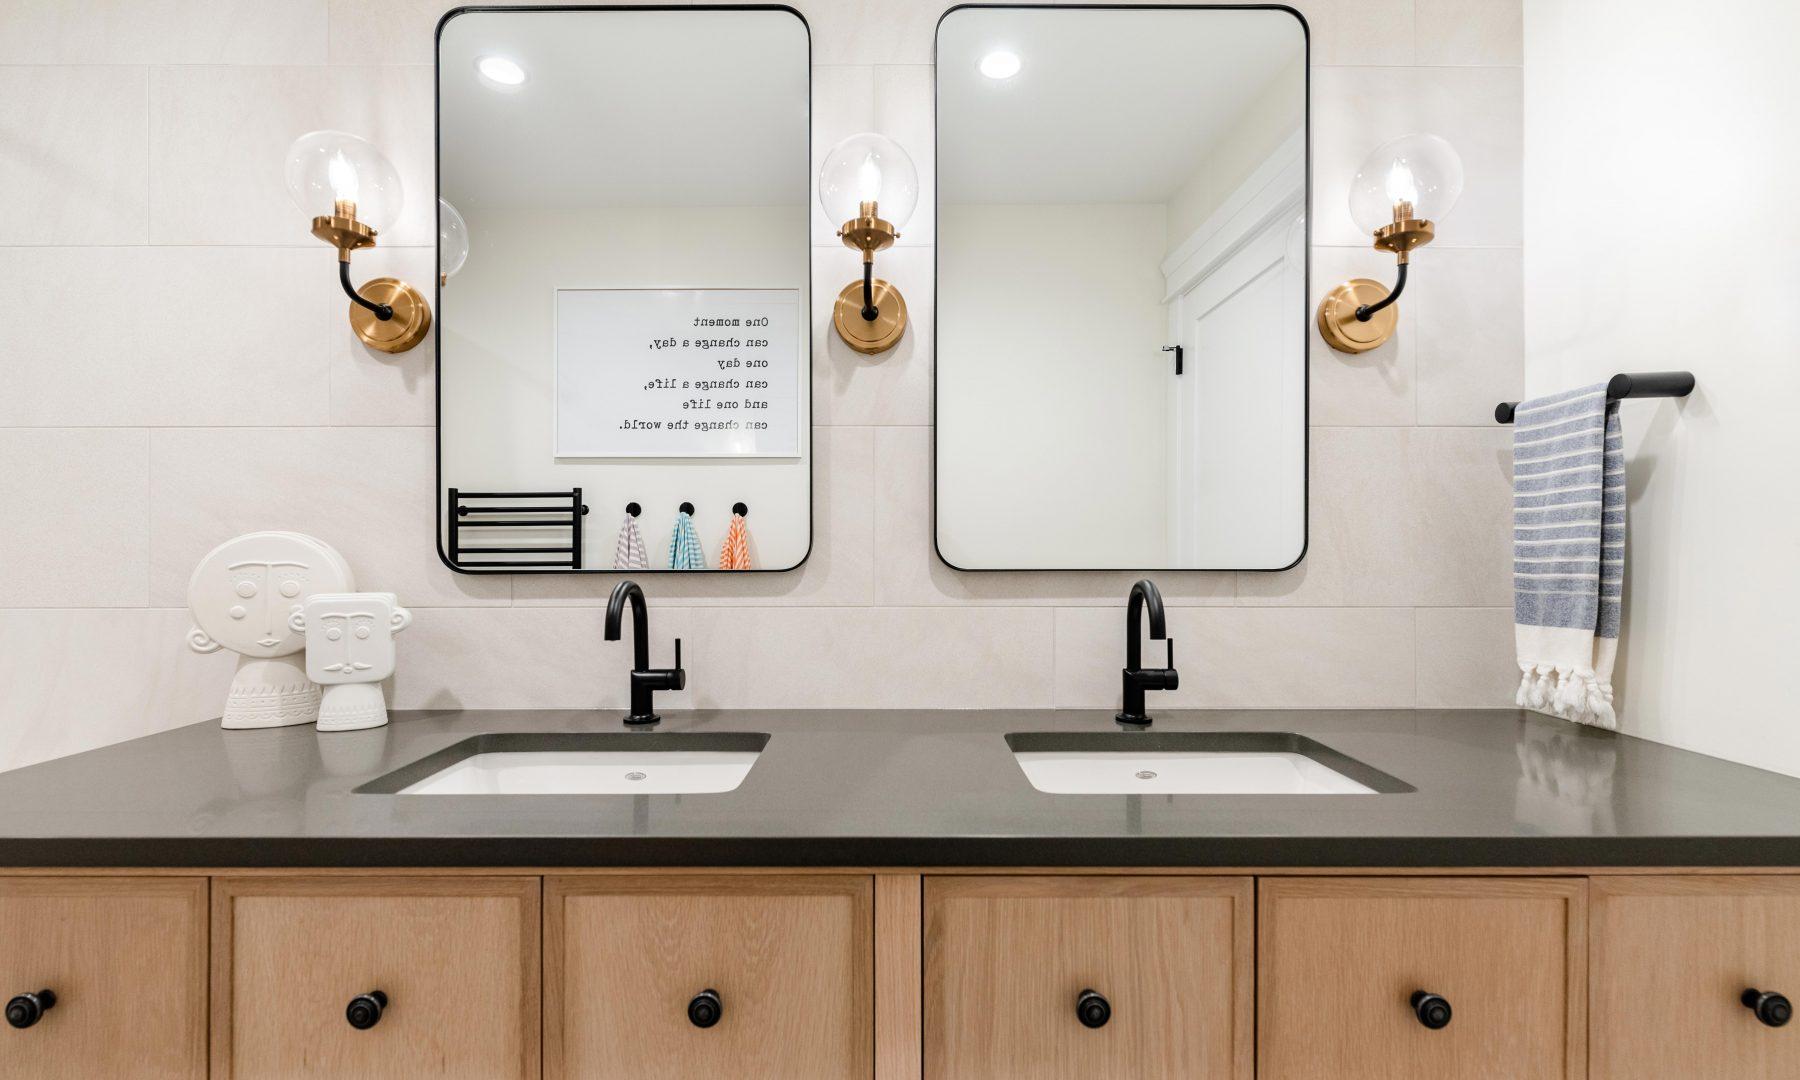 Cabico Custom Cabinets - Projet salle de bain Oak Bay Village - vue d'ensemble